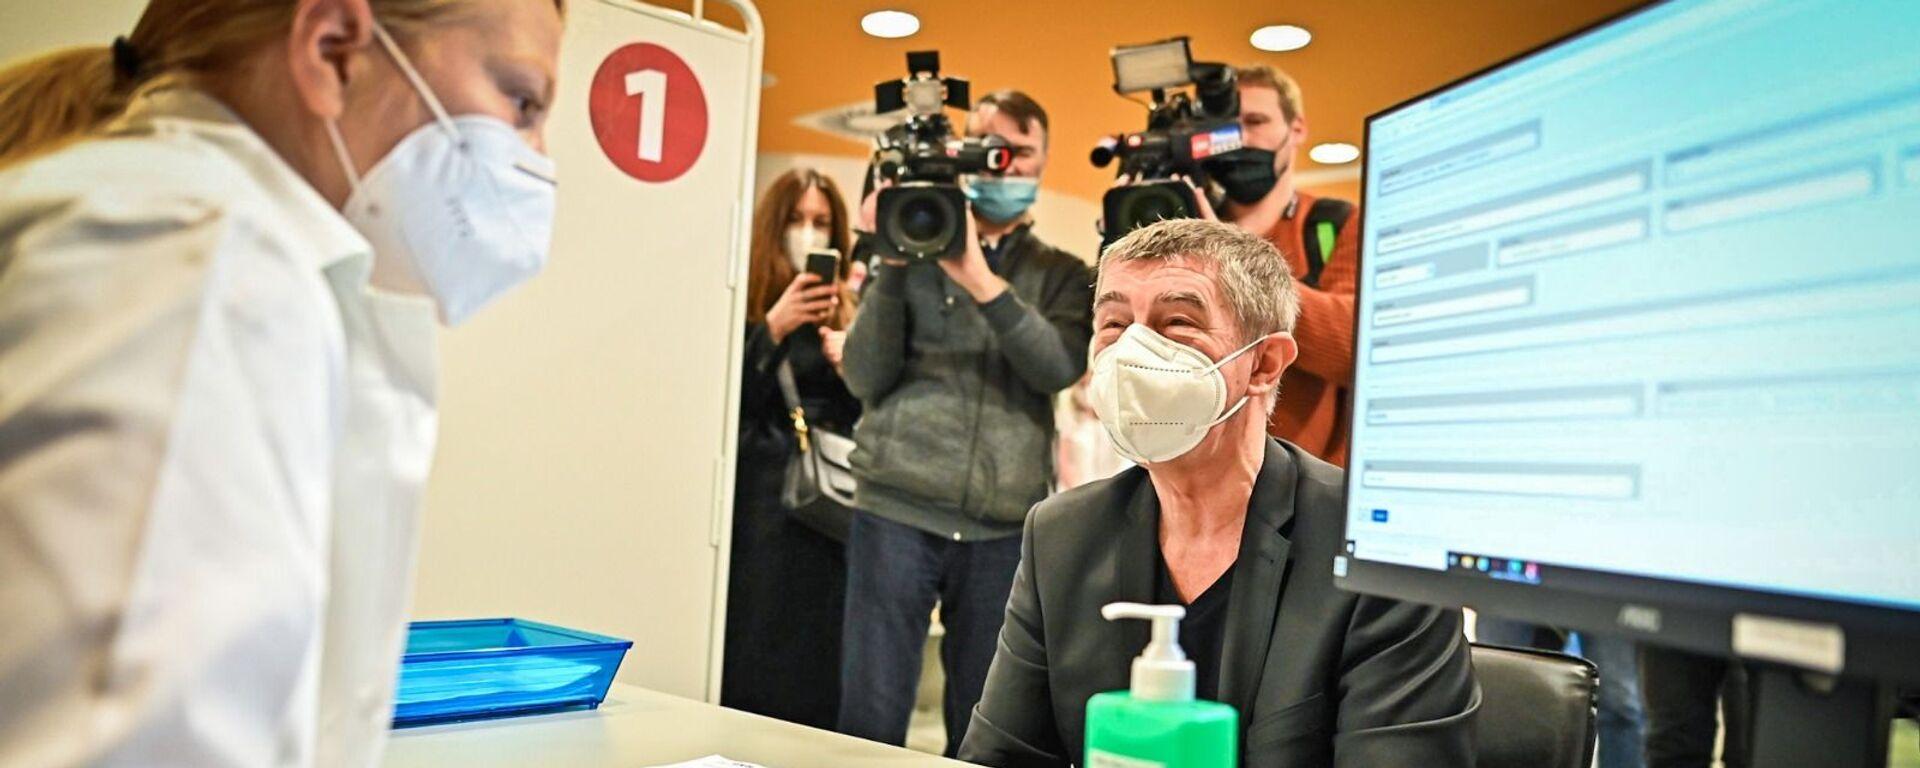 Premiér ČR Andrej Babiš si nechal píchnout druhou dávku vakcíny - Sputnik Česká republika, 1920, 12.02.2021